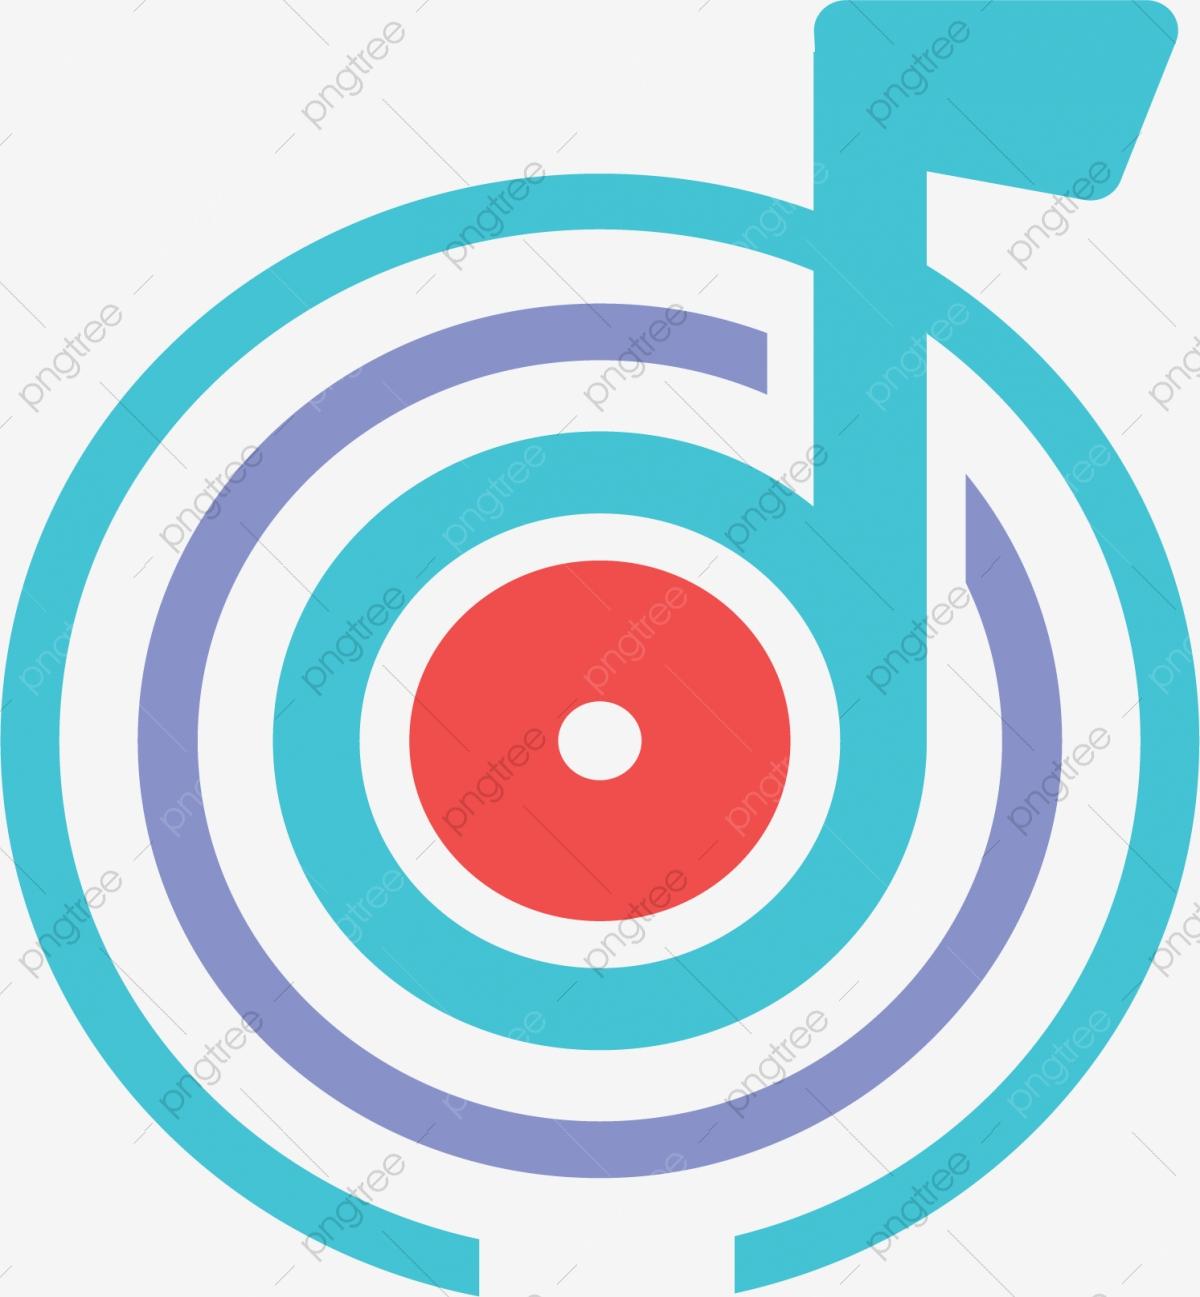 notes des notes de musique en noir et blanc image png pour le t u00e9l u00e9chargement libre